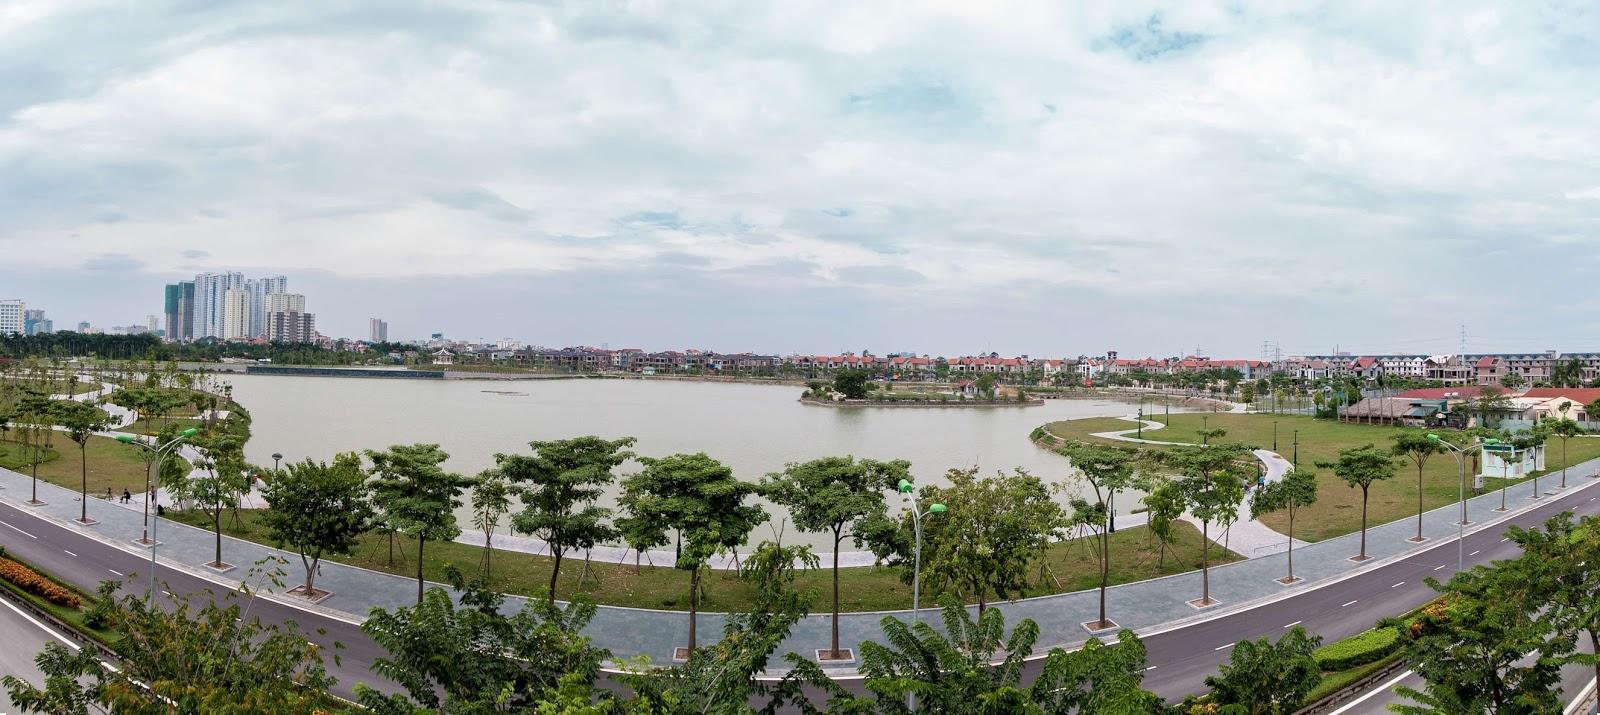 Hướng View hồ điều hòa rộng 15 ha tại dự án chung cư An Bình City